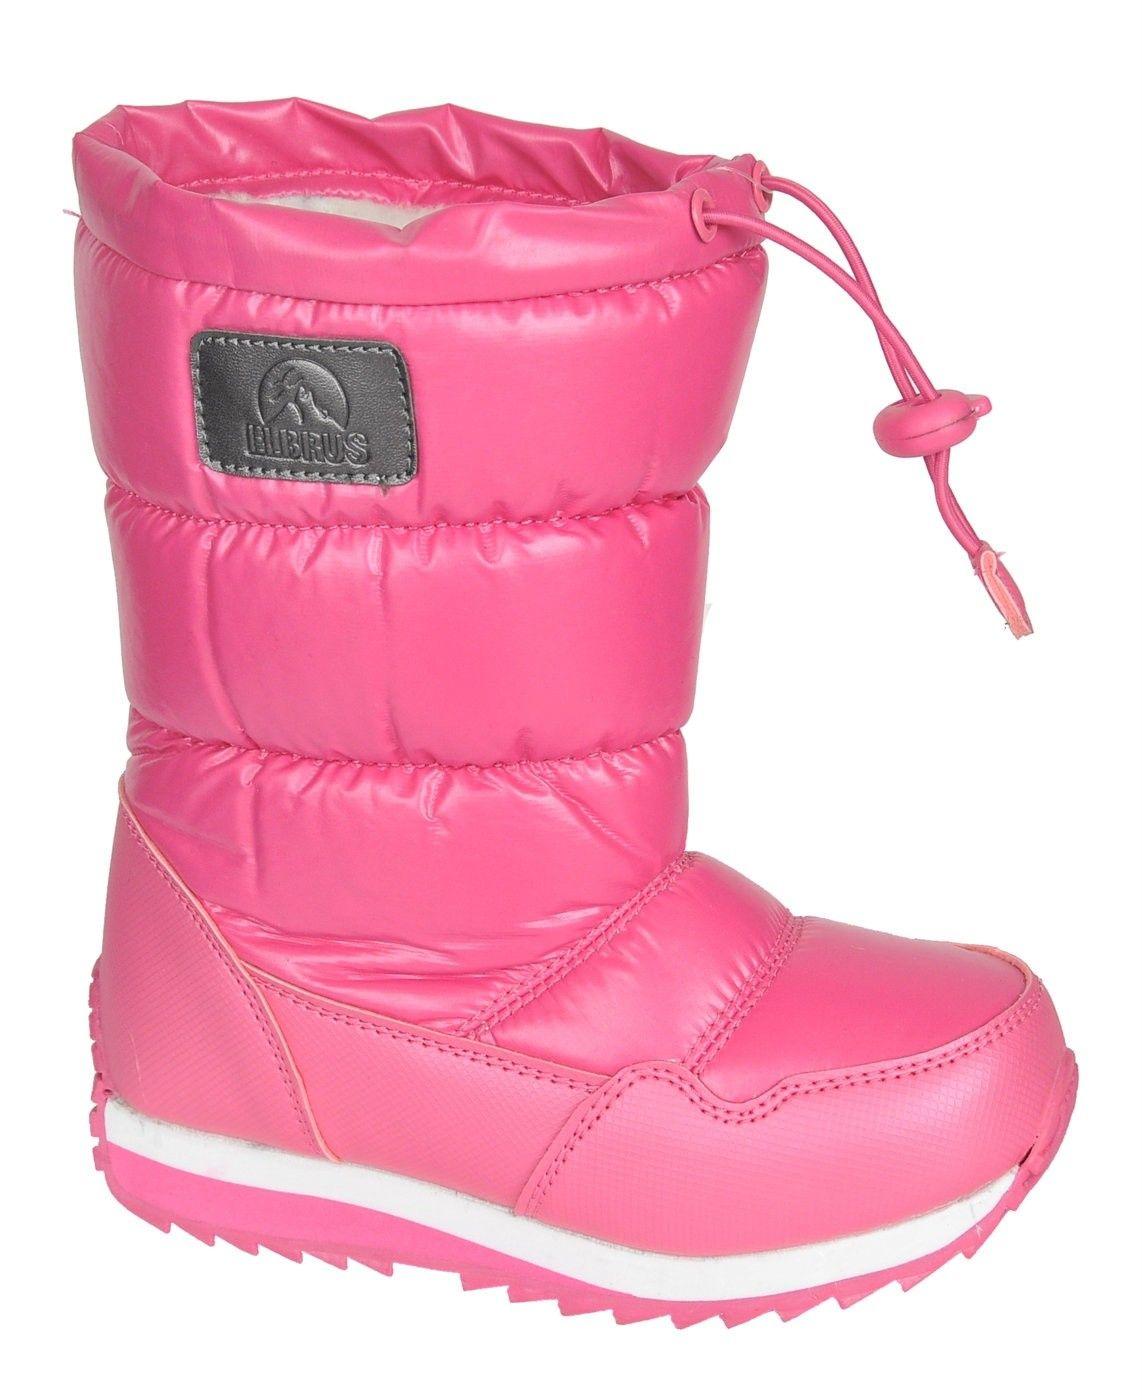 Sniegowce Dla Dziewczynki Elbrus To Cieplo I Wygoda Dla Twojego Dziecka Winter Boot Boots Shoes